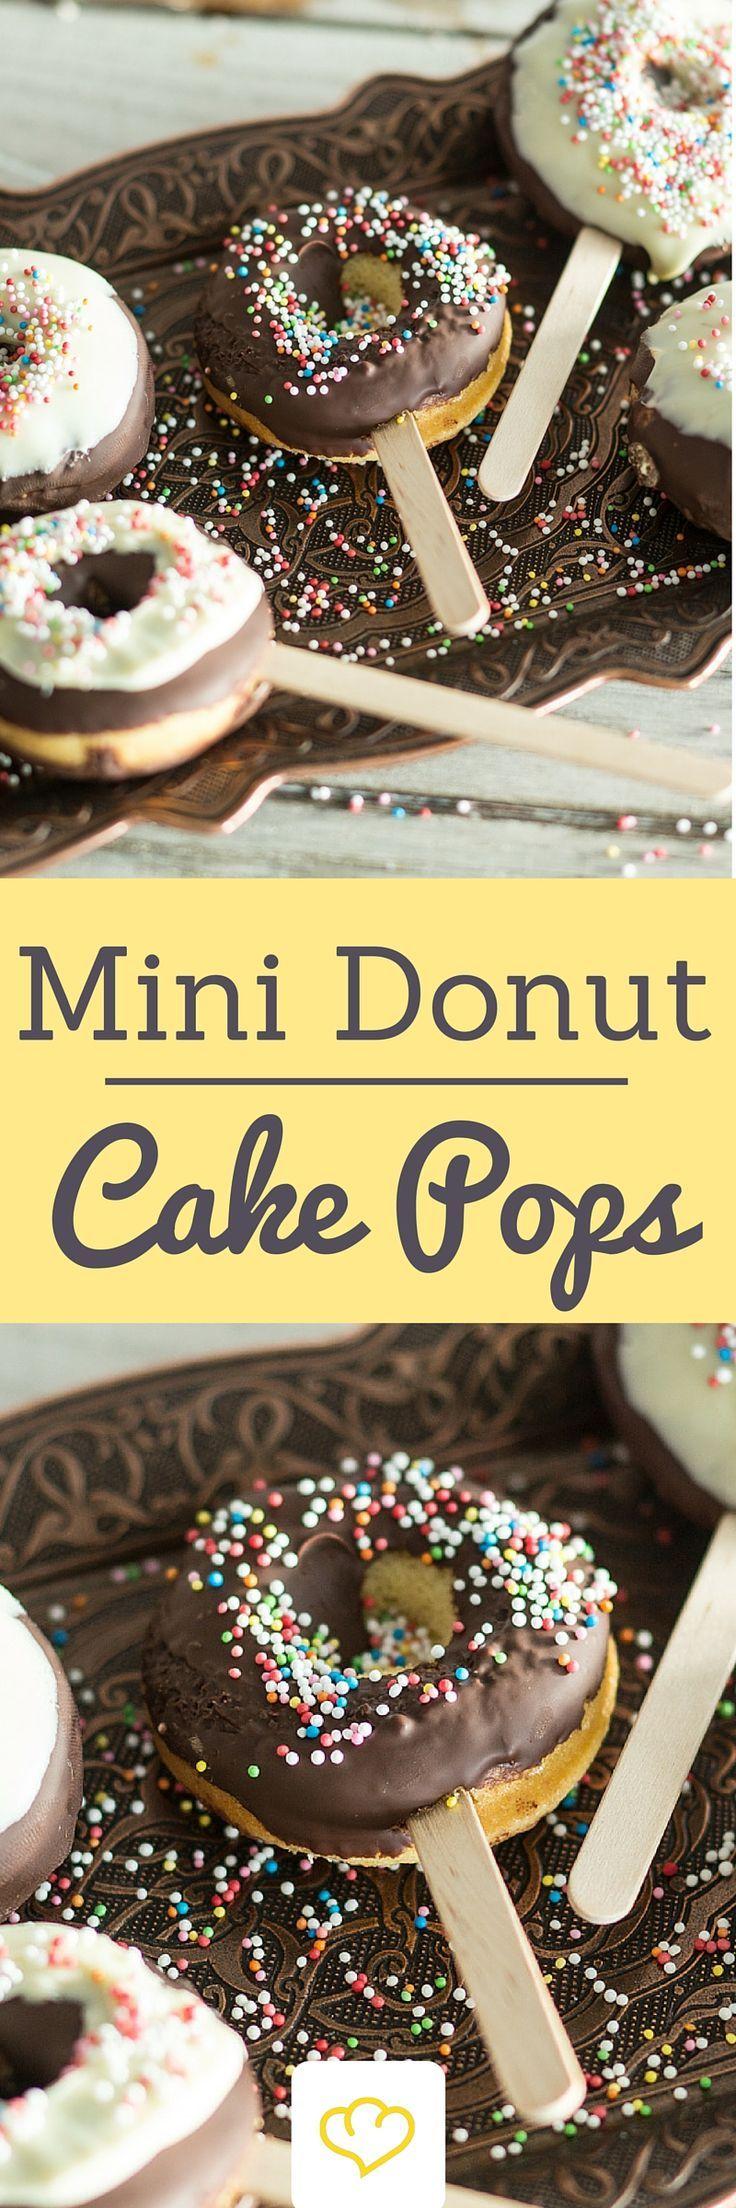 Glück am Stiel - Mini Donut Cake Pops! Das wird der Hingucker auf deinem Party-Buffet!: